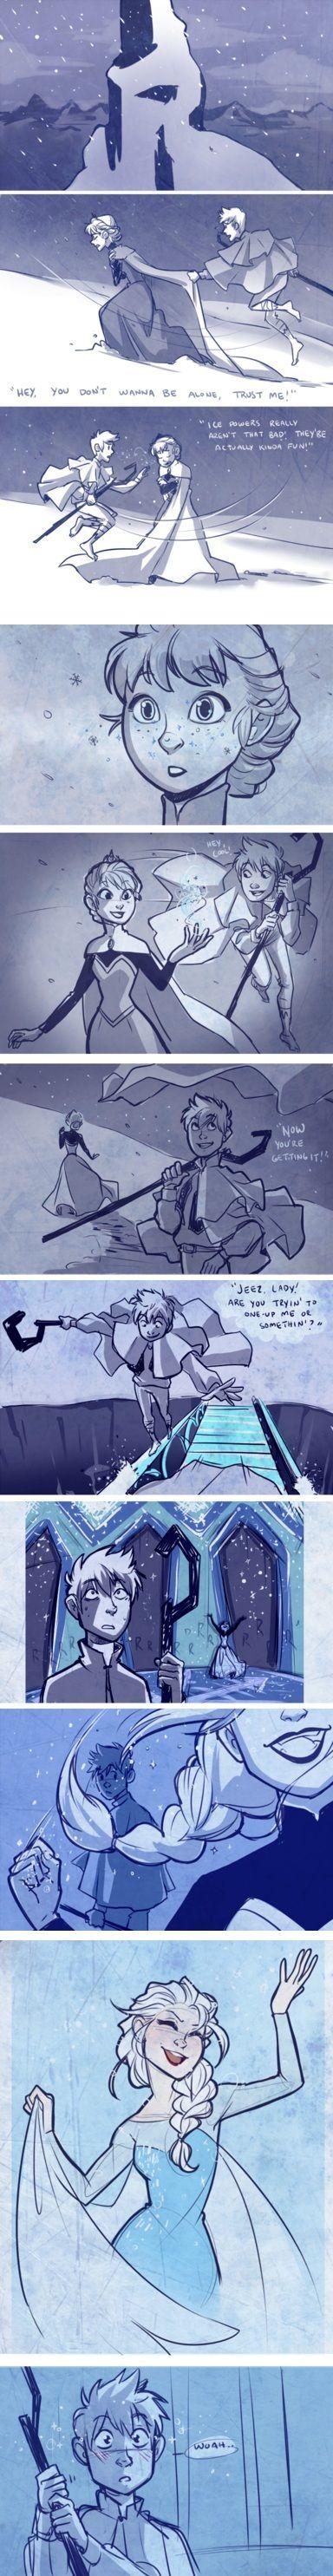 Frozen fan art - Jack Frost / Elsa